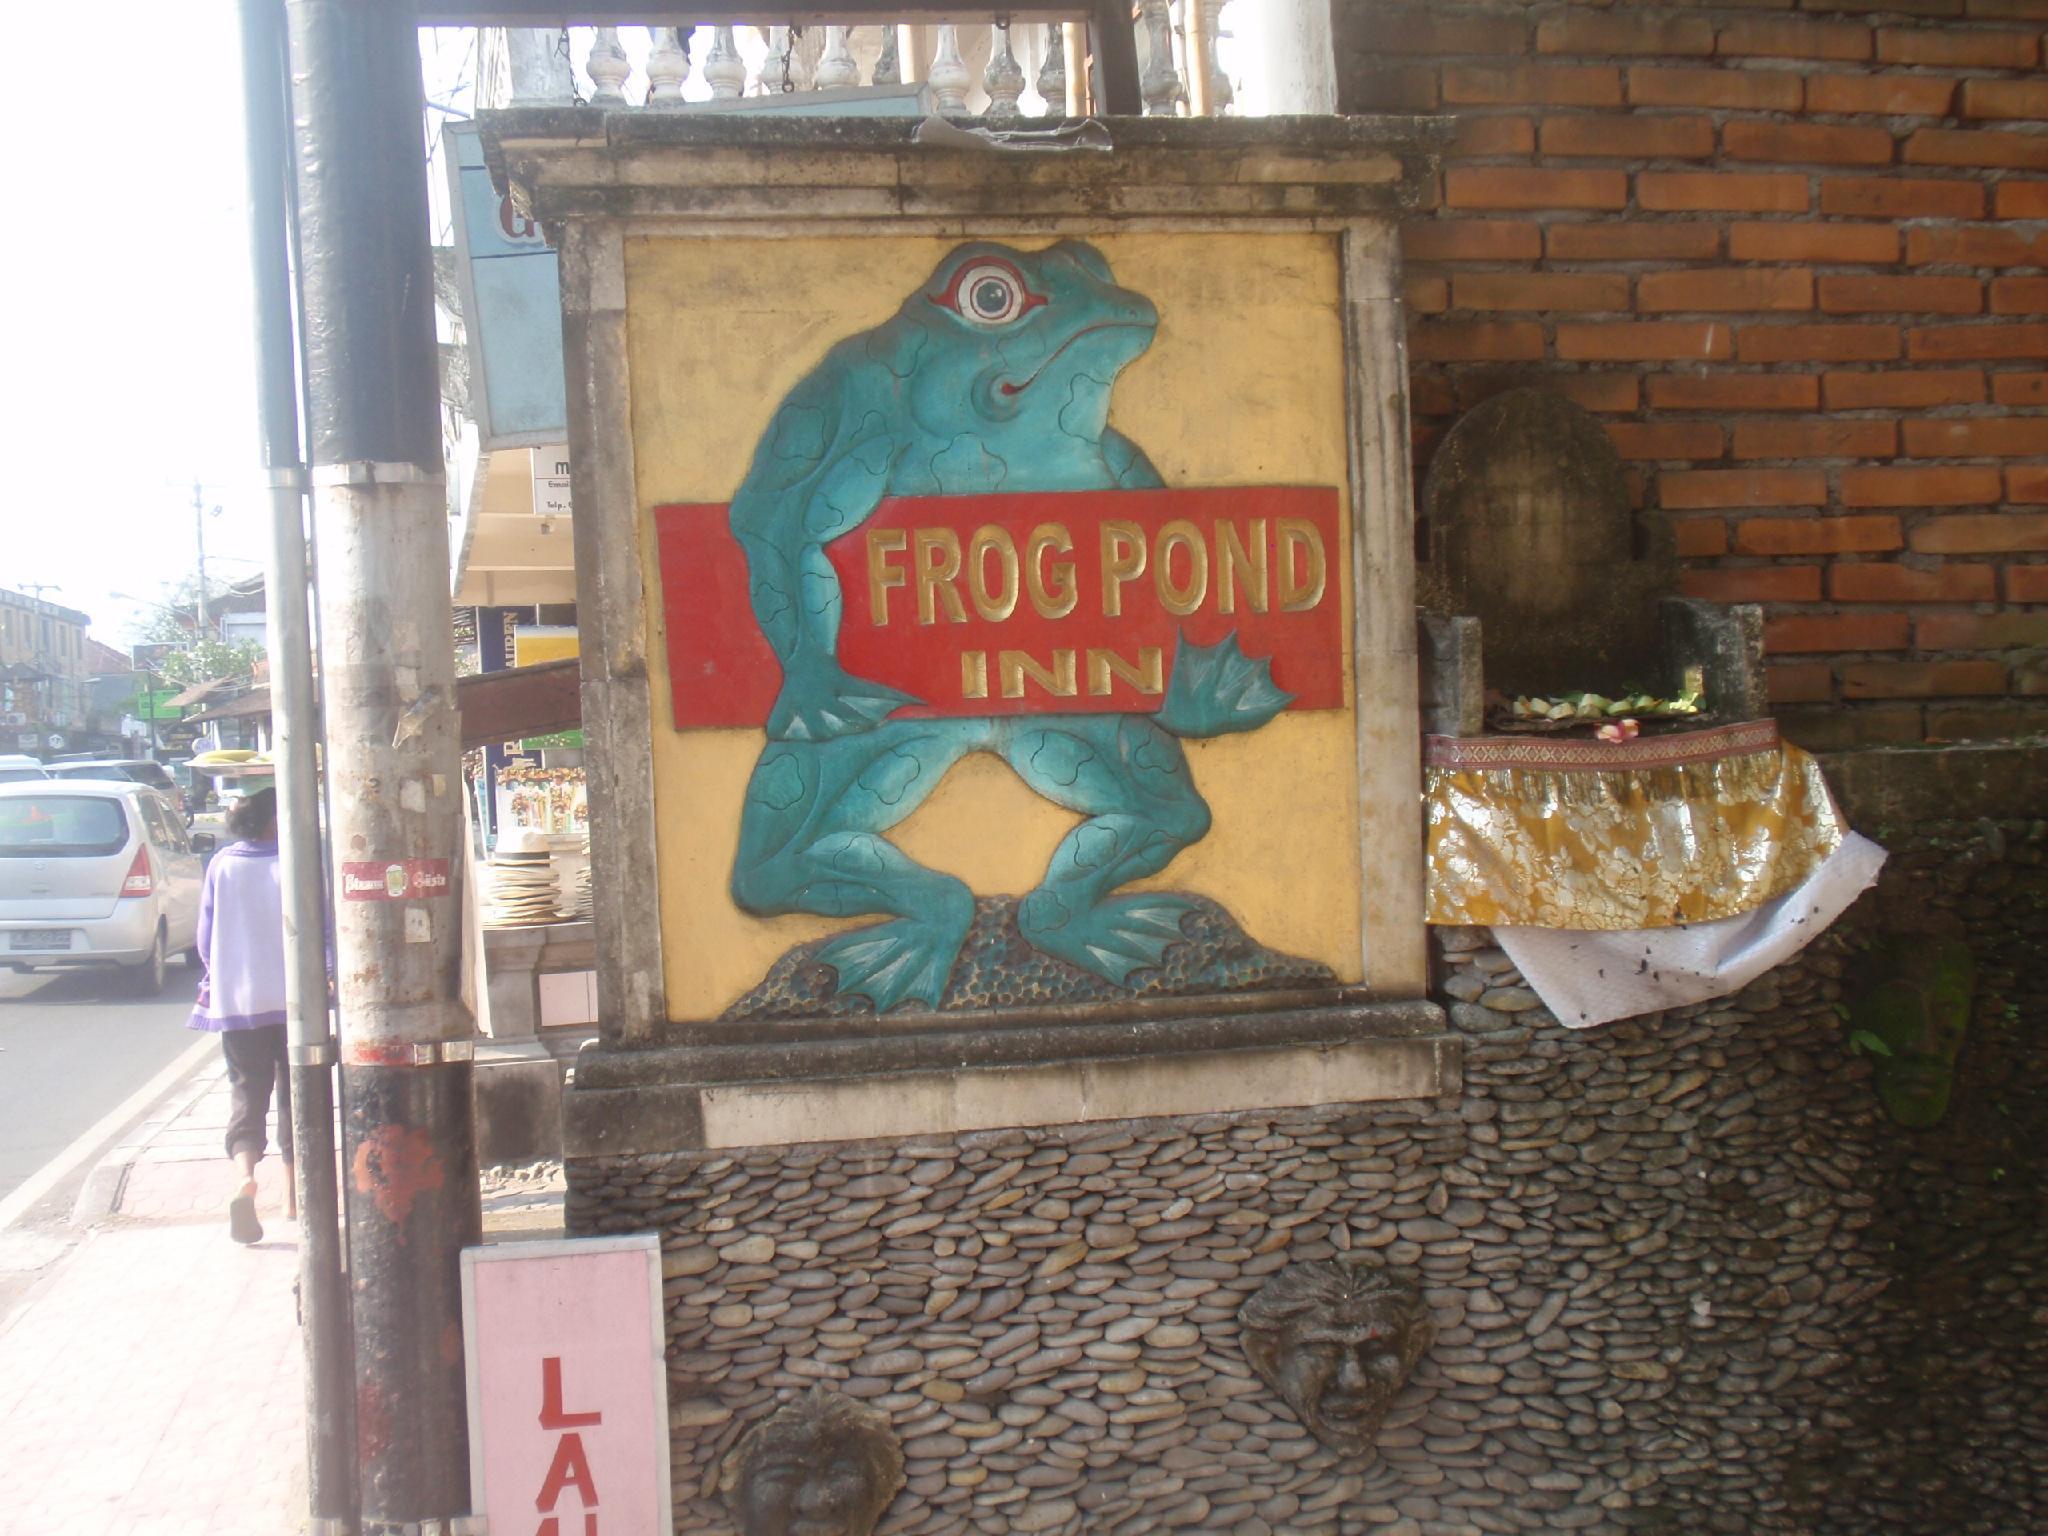 Frogg Pond Inn